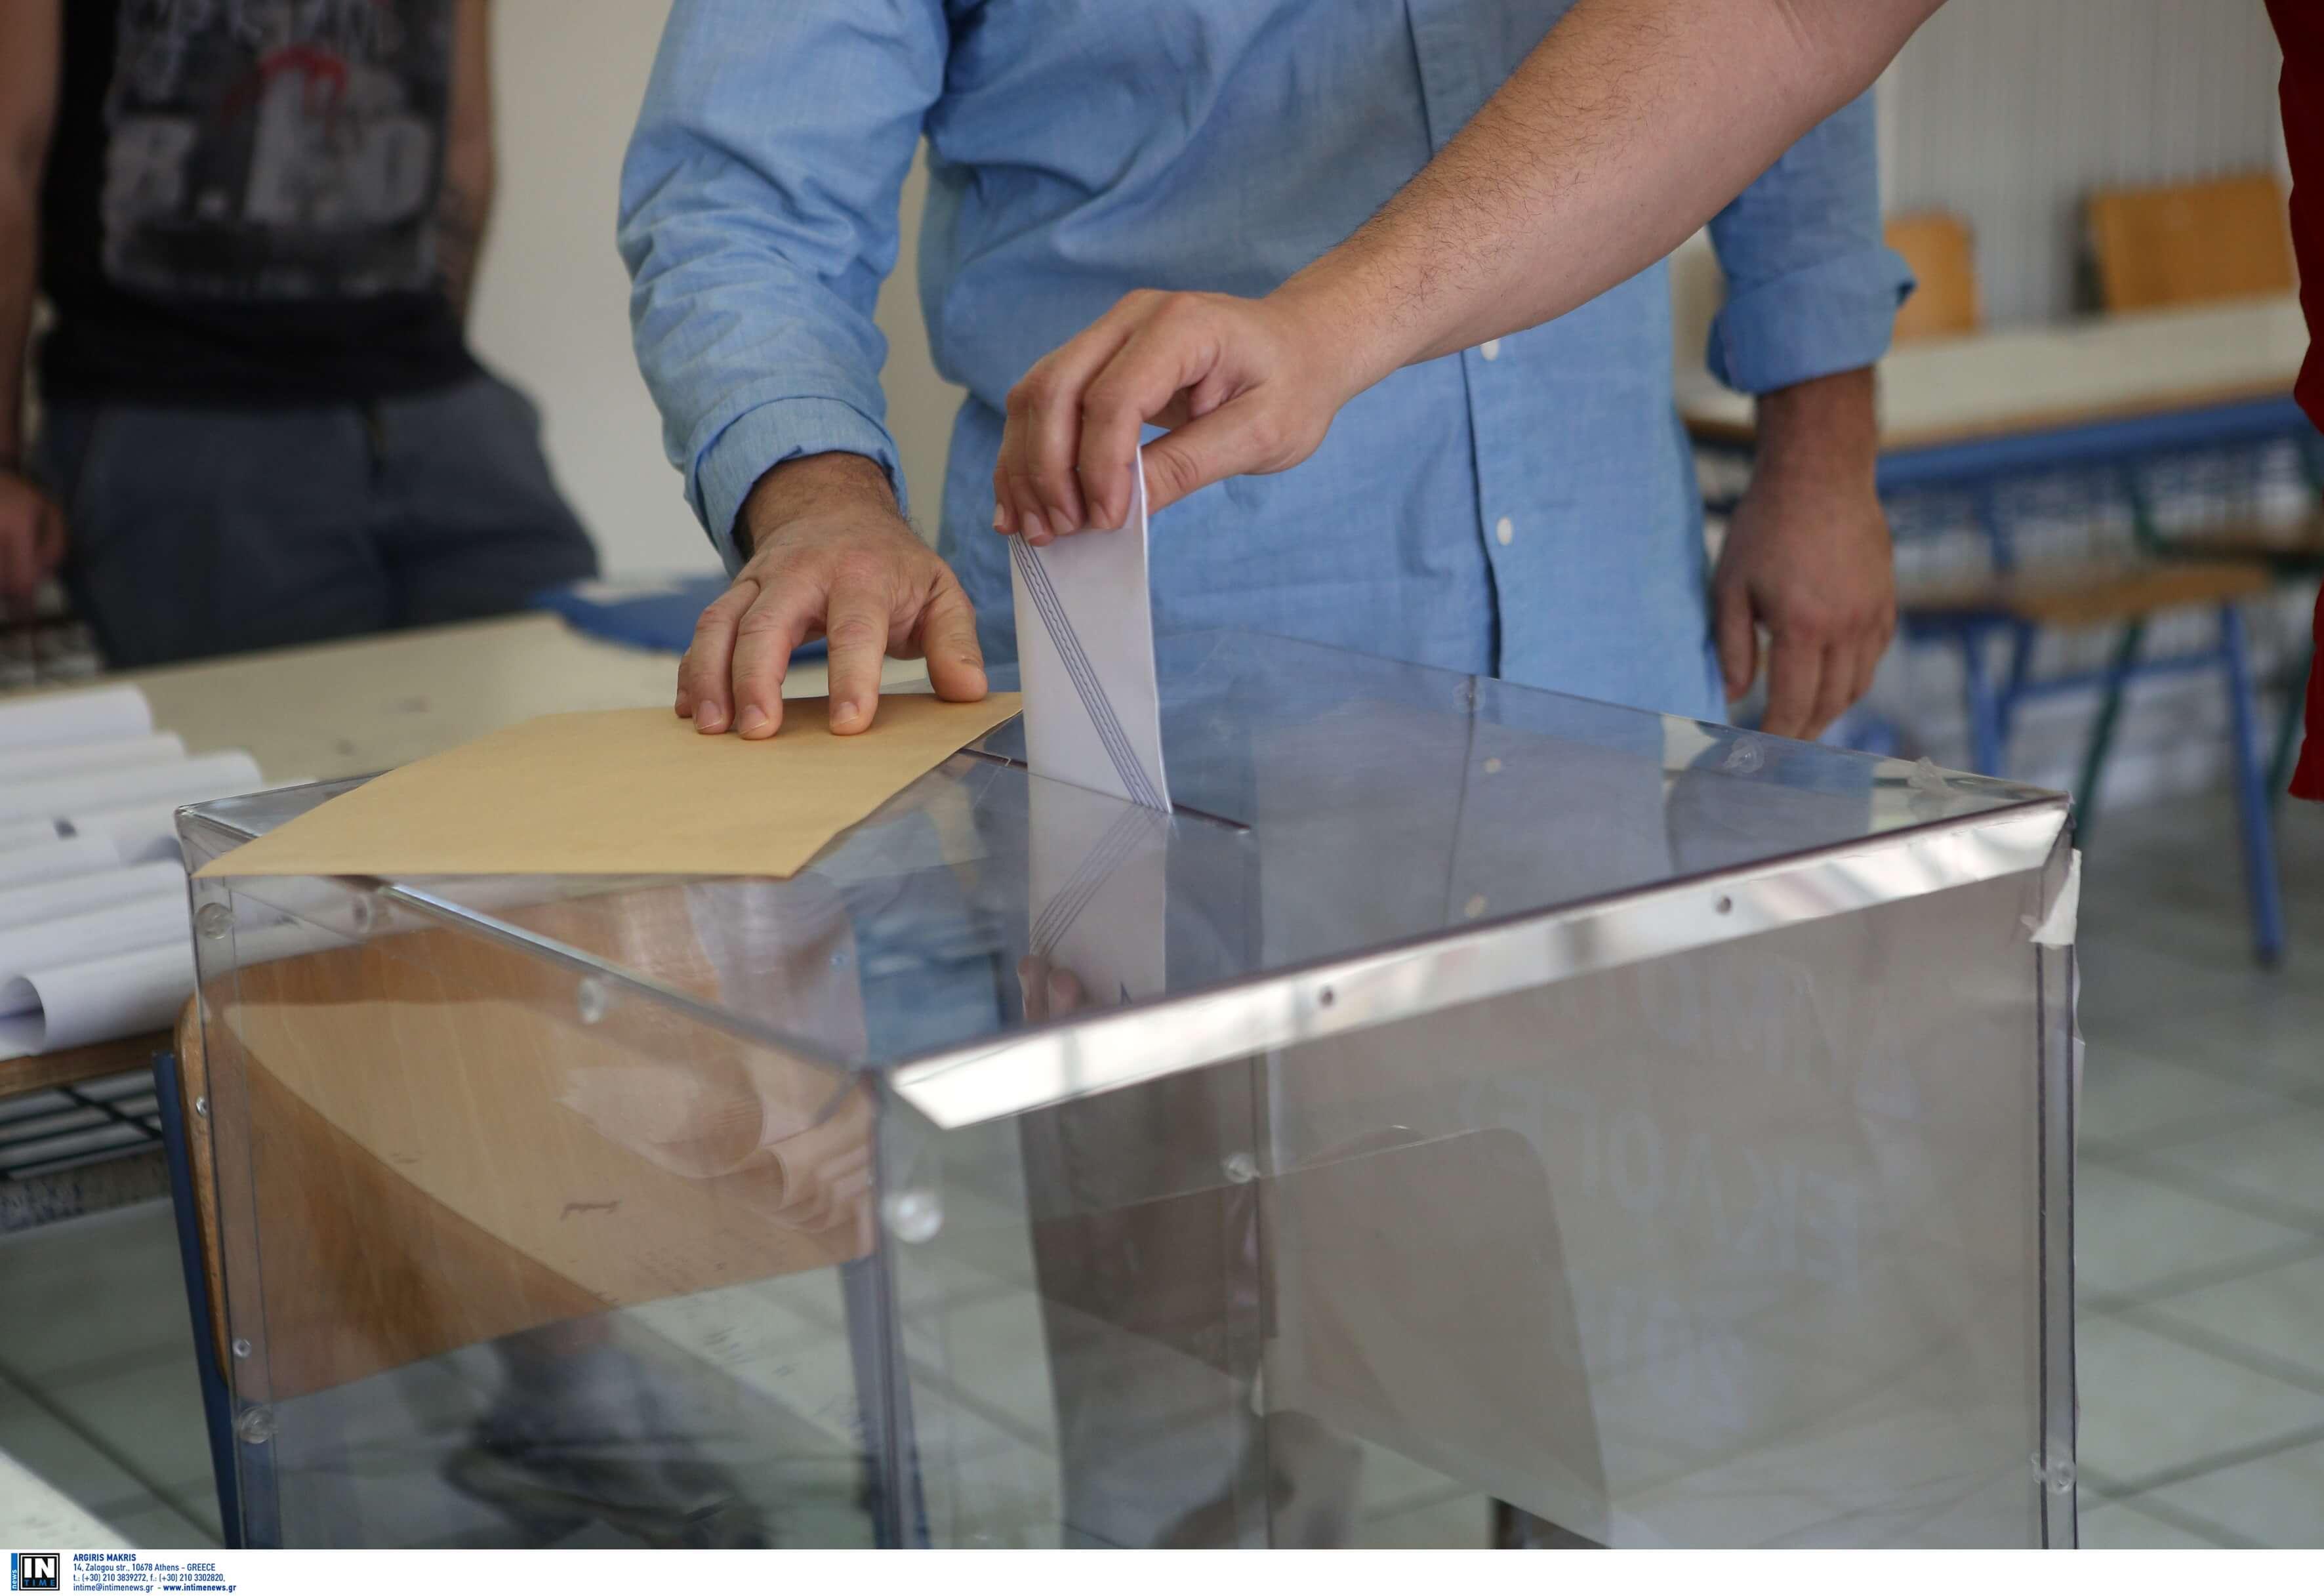 Εκλογές 2019 – Υπ. Εσωτερικών: Σε διαφορετικά εκλογικά τμήματα η ψηφοφορία της 7ης Ιουλίου